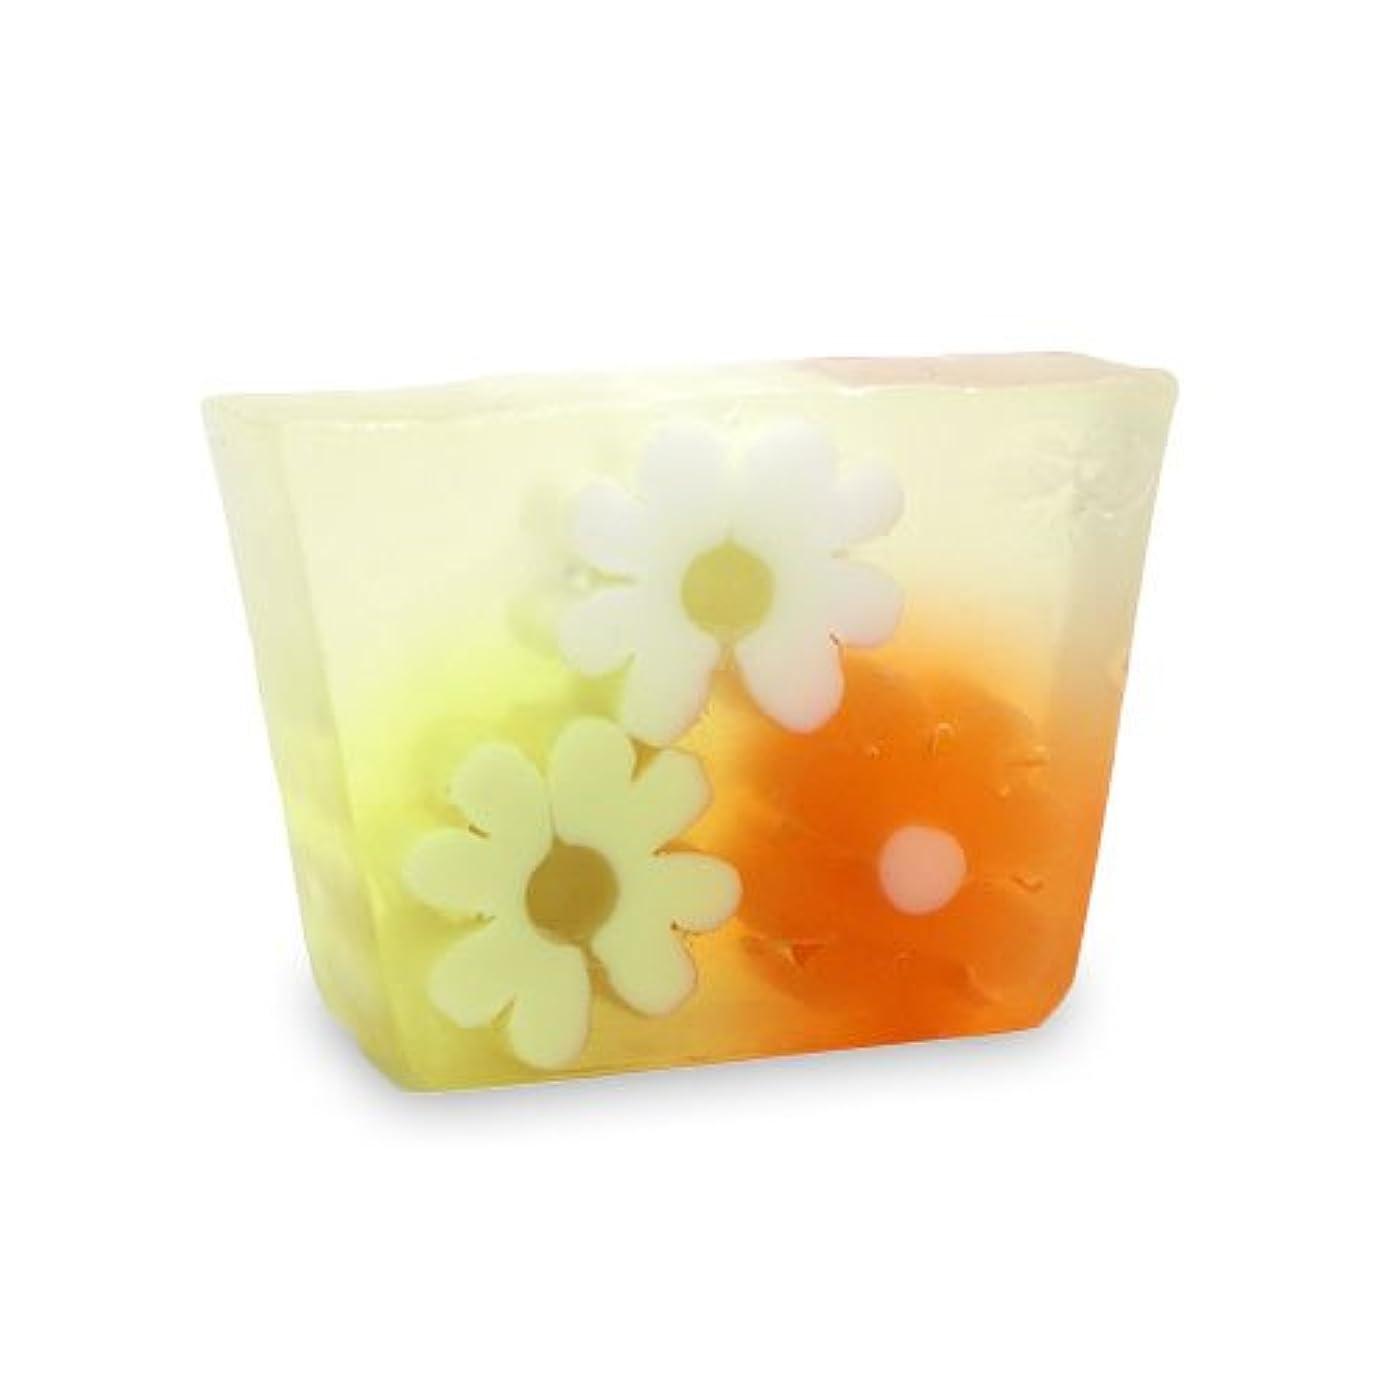 寄付うれしい拮抗プライモールエレメンツ アロマティック ミニソープ オレンジフラワーショップ 80g 植物性 ナチュラル 石鹸 無添加